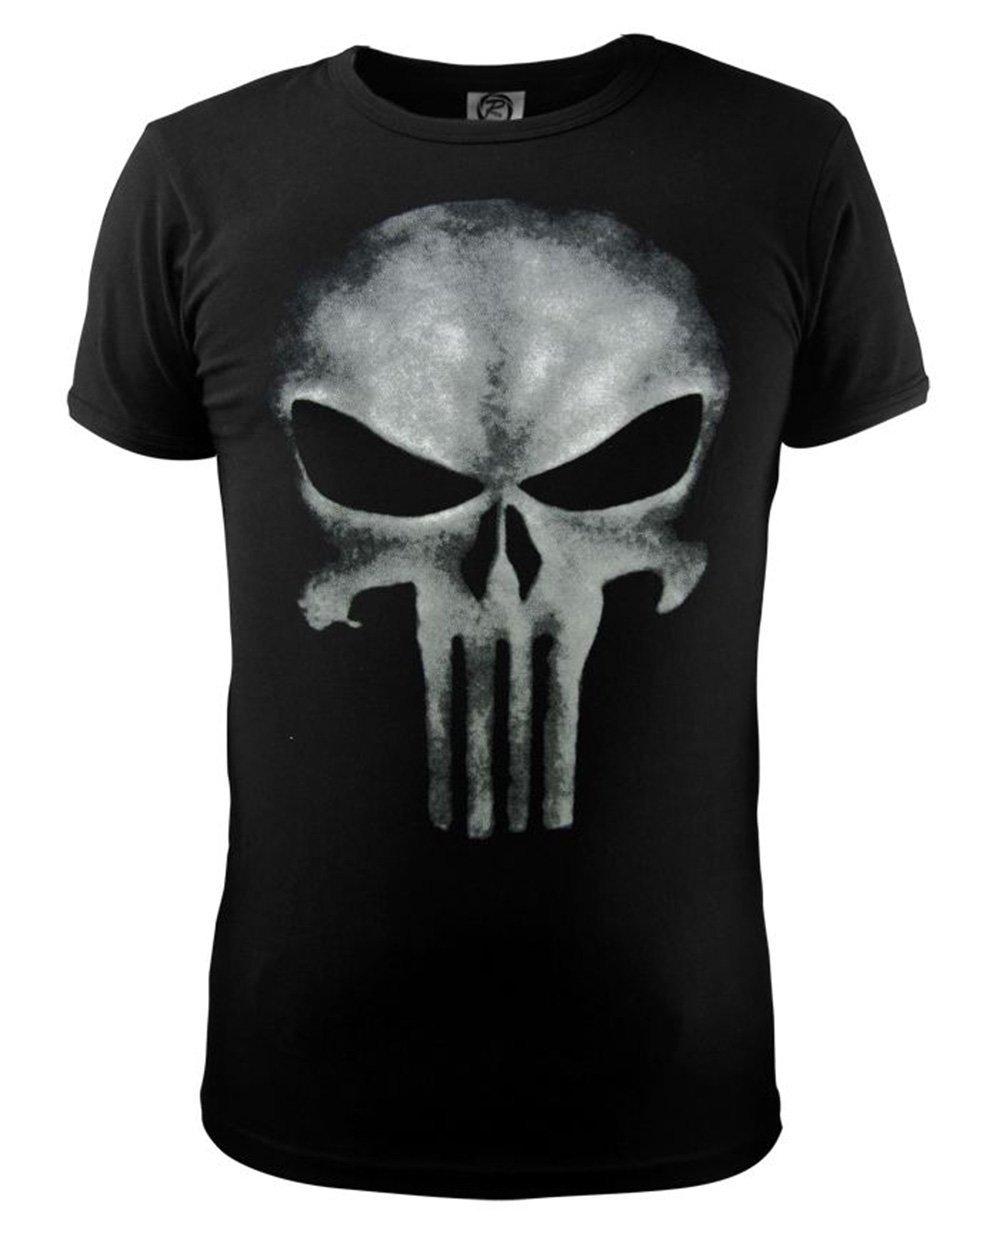 Kalendone the Punisher Skull T Shirt Slim Black O-Neck Short Sleeve Tops Tees Cotton T Shirt for Women Men Slim M Christmas Gift